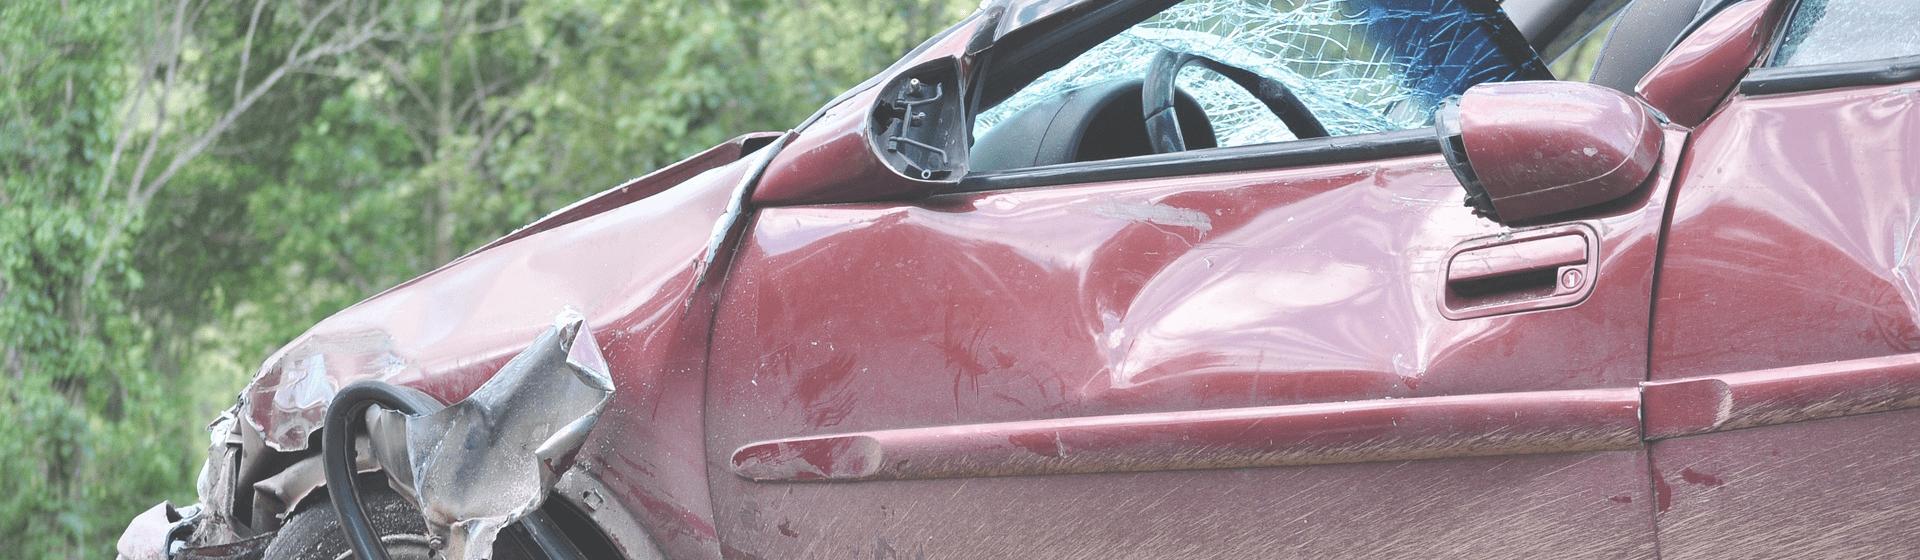 Wann Sie nach einem Unfall einen Anwalt einschalten sollten